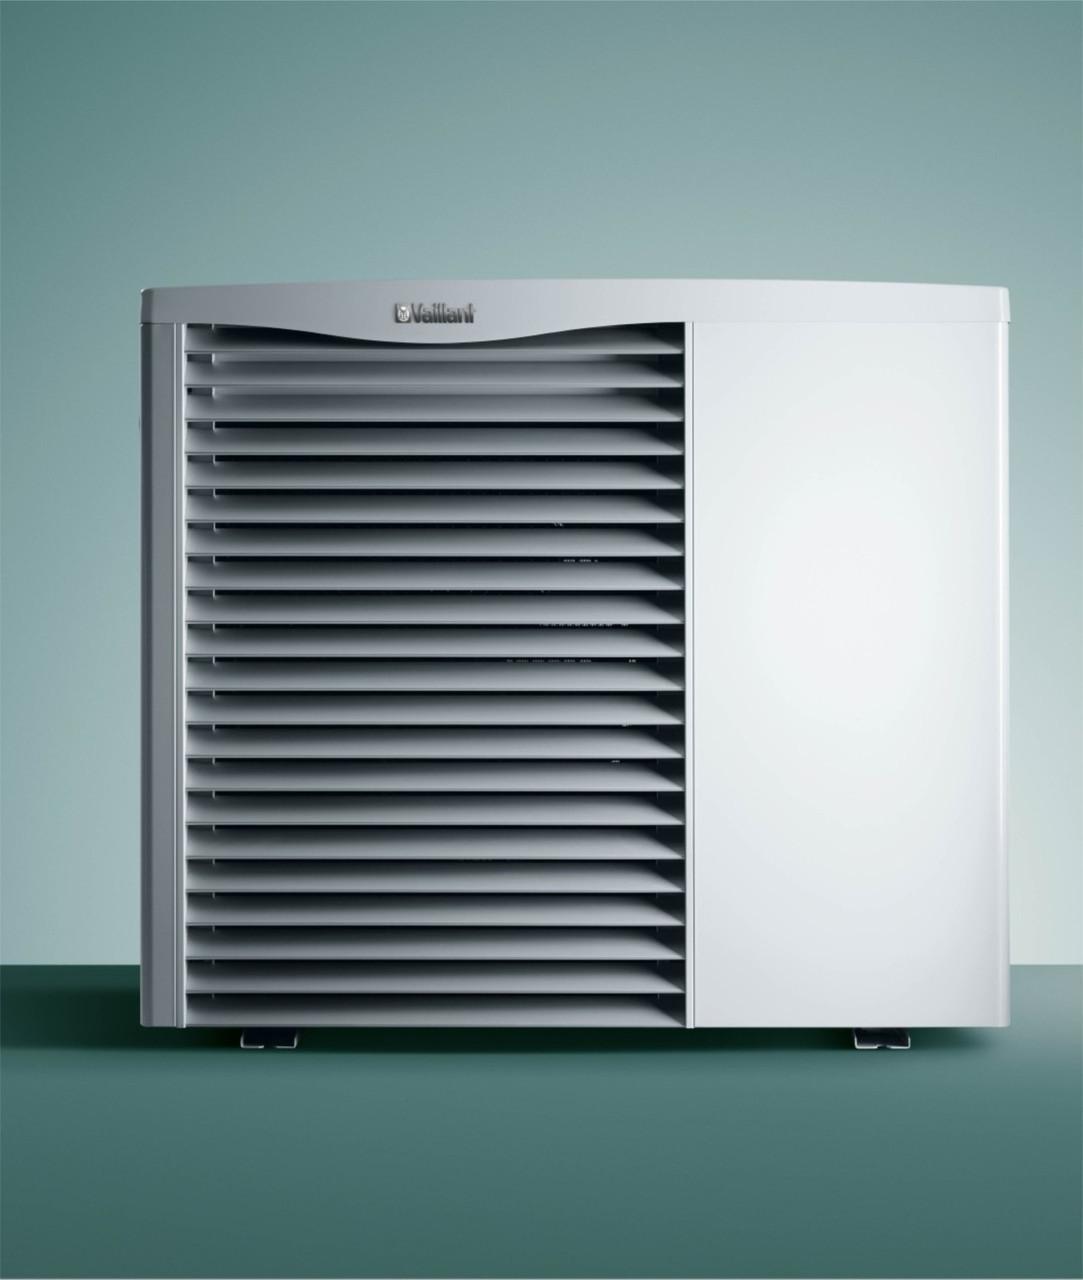 Тепловой насос для отопления, горячего водоснабжения и охлаждения Vaillant aroTHERM VWL 155/2 A 230 V Пакет, фото 1